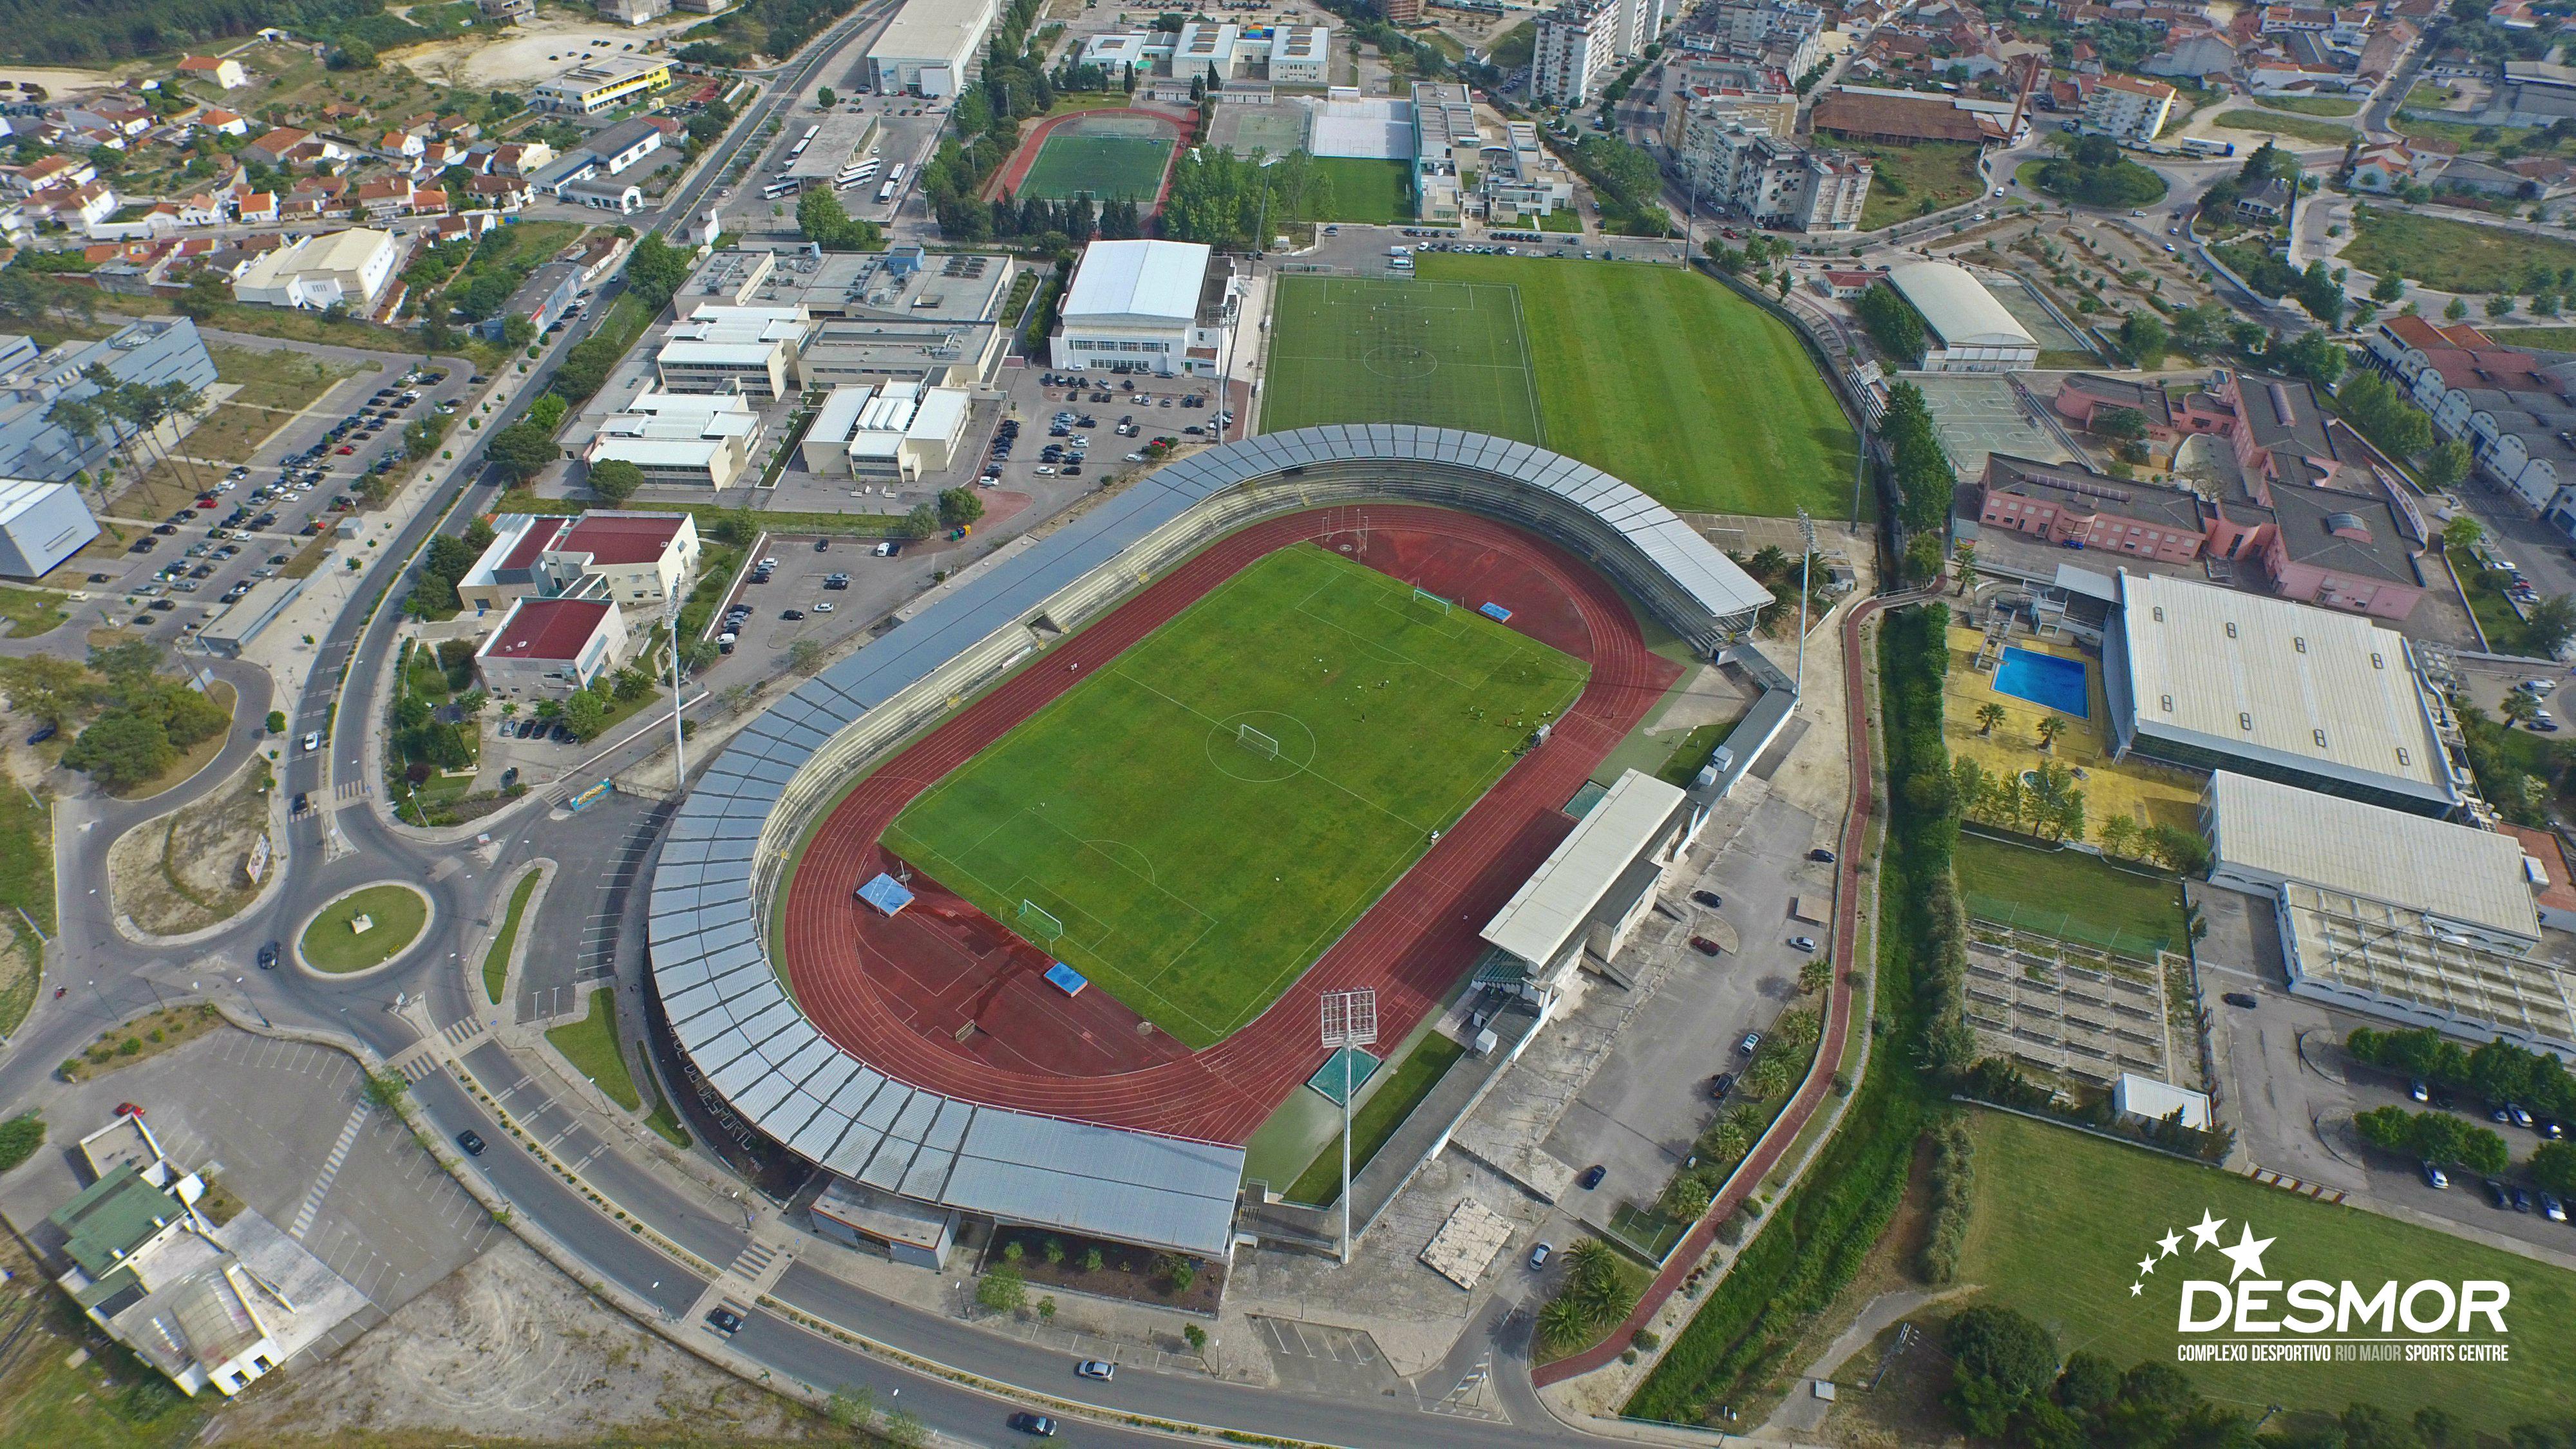 Desmor- Rio Maior Sports Centre